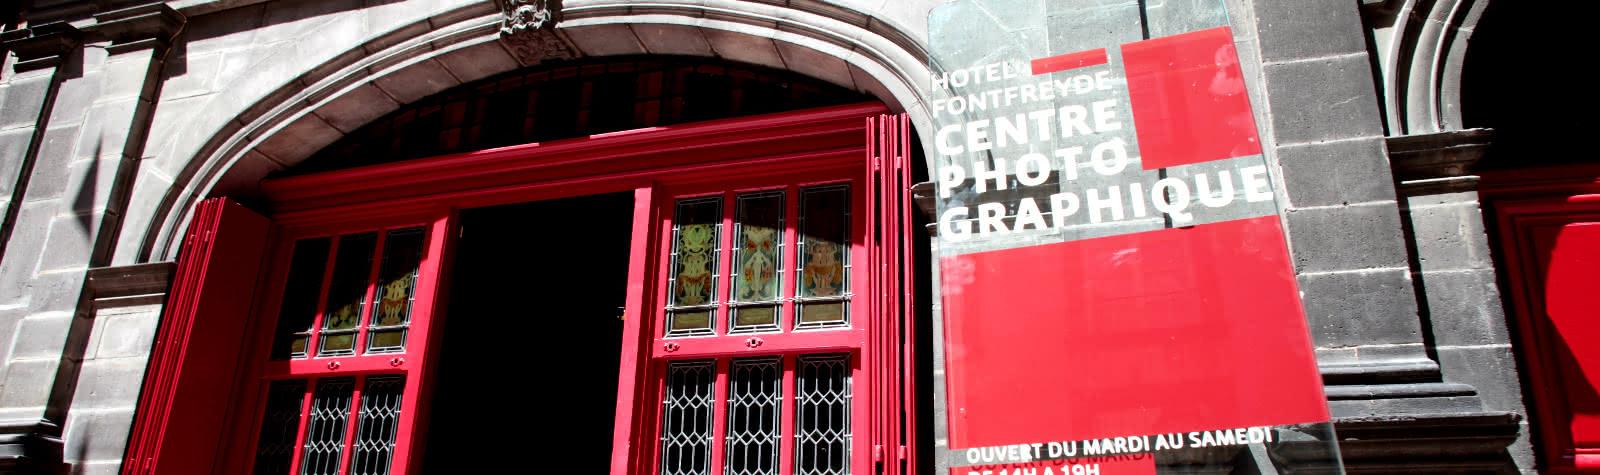 Hôtel Fontfreyde, centre photographique de Clermont